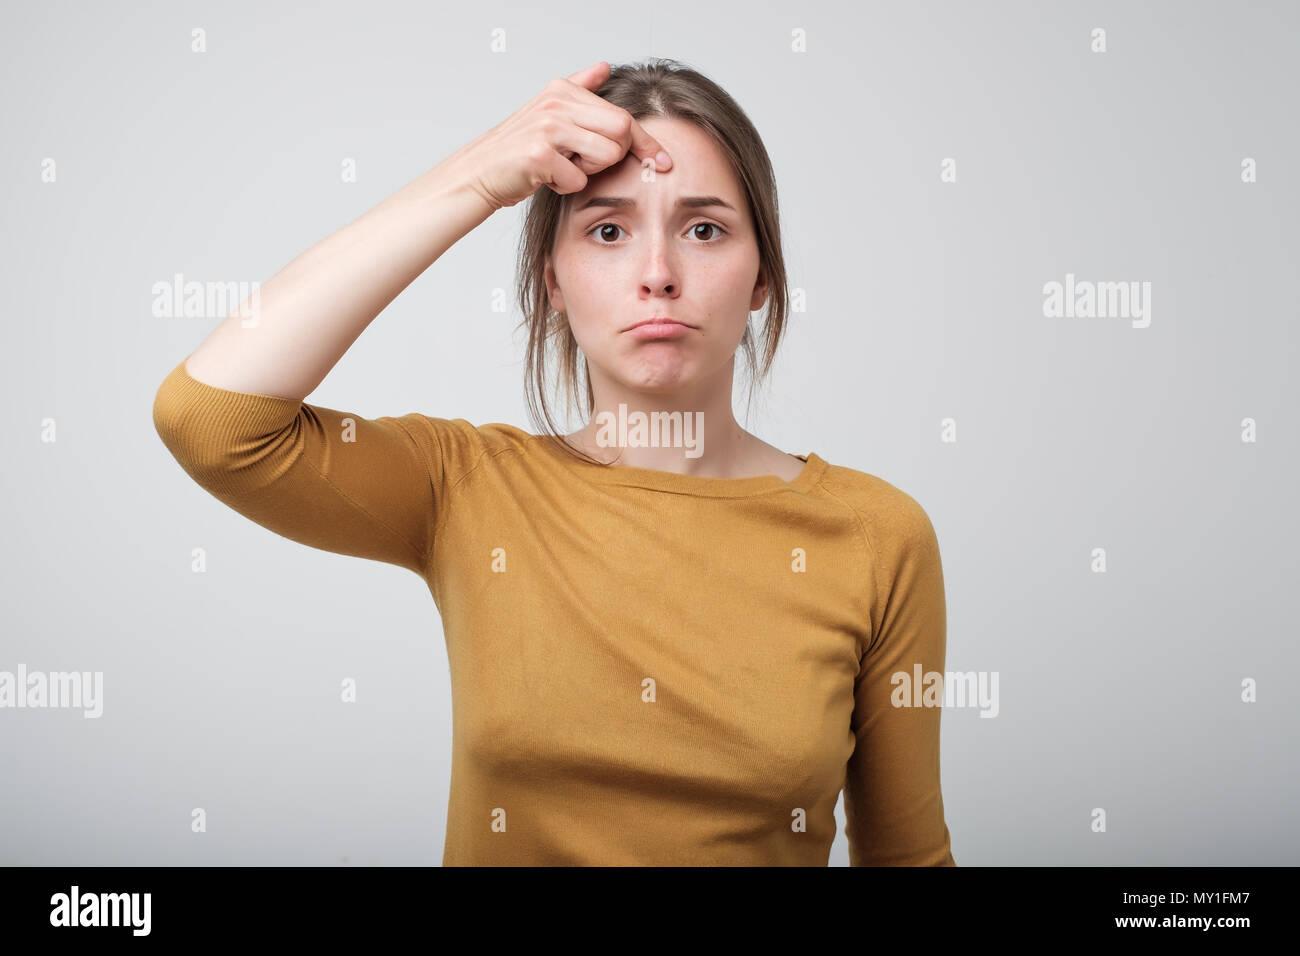 Deluso giovane donna che guarda la fotocamera. Immagini Stock